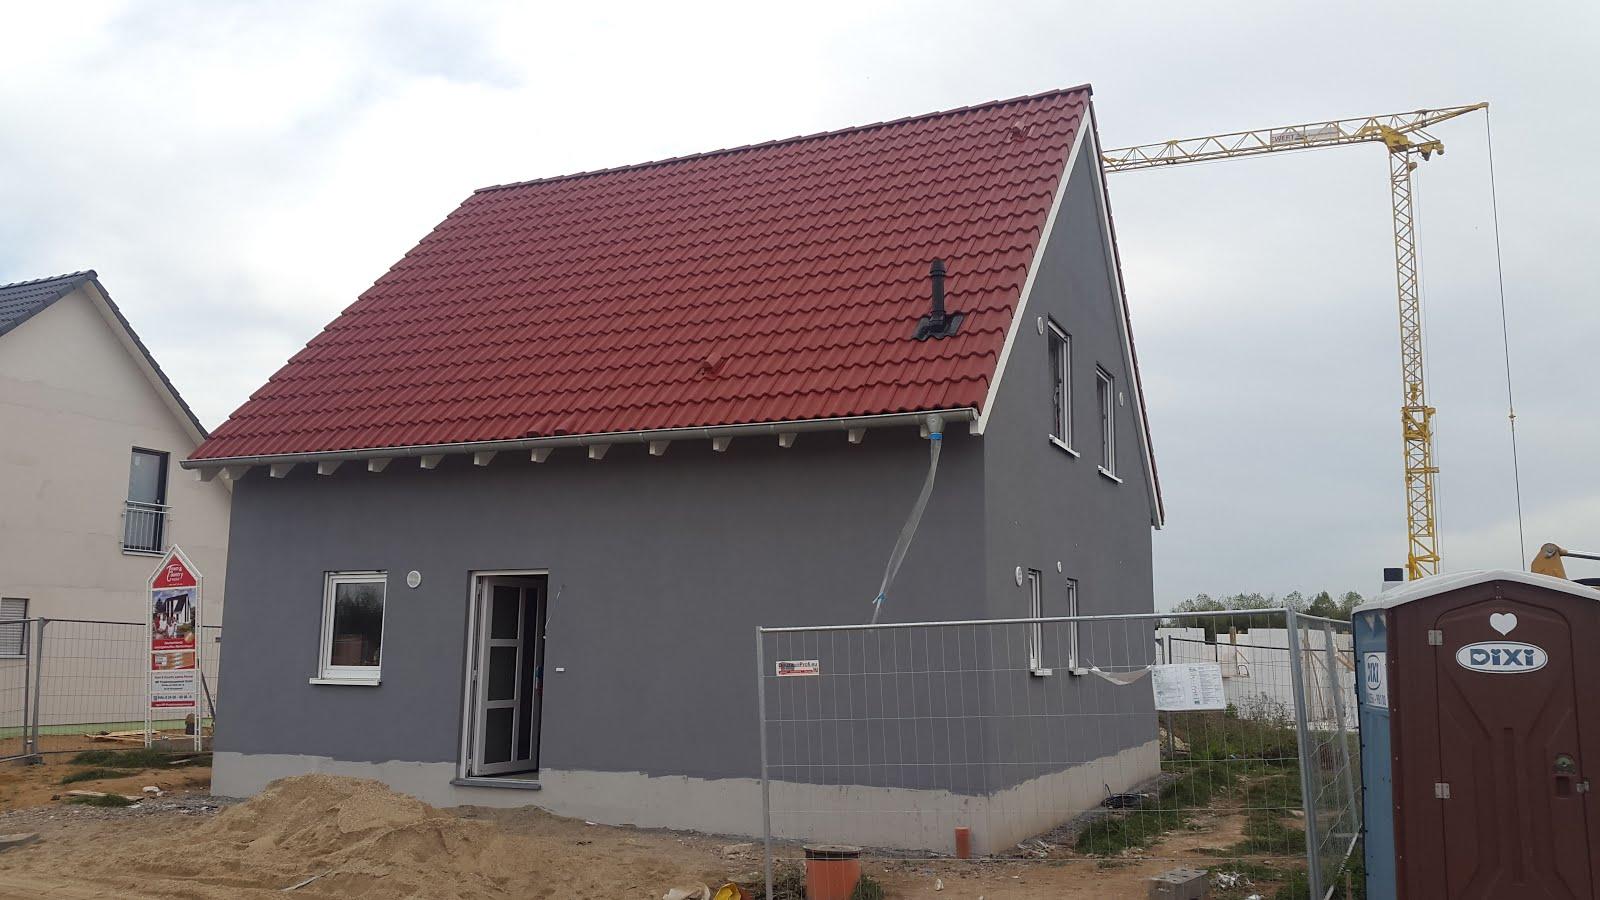 Nico und Vanessa bauen ein Haus :)